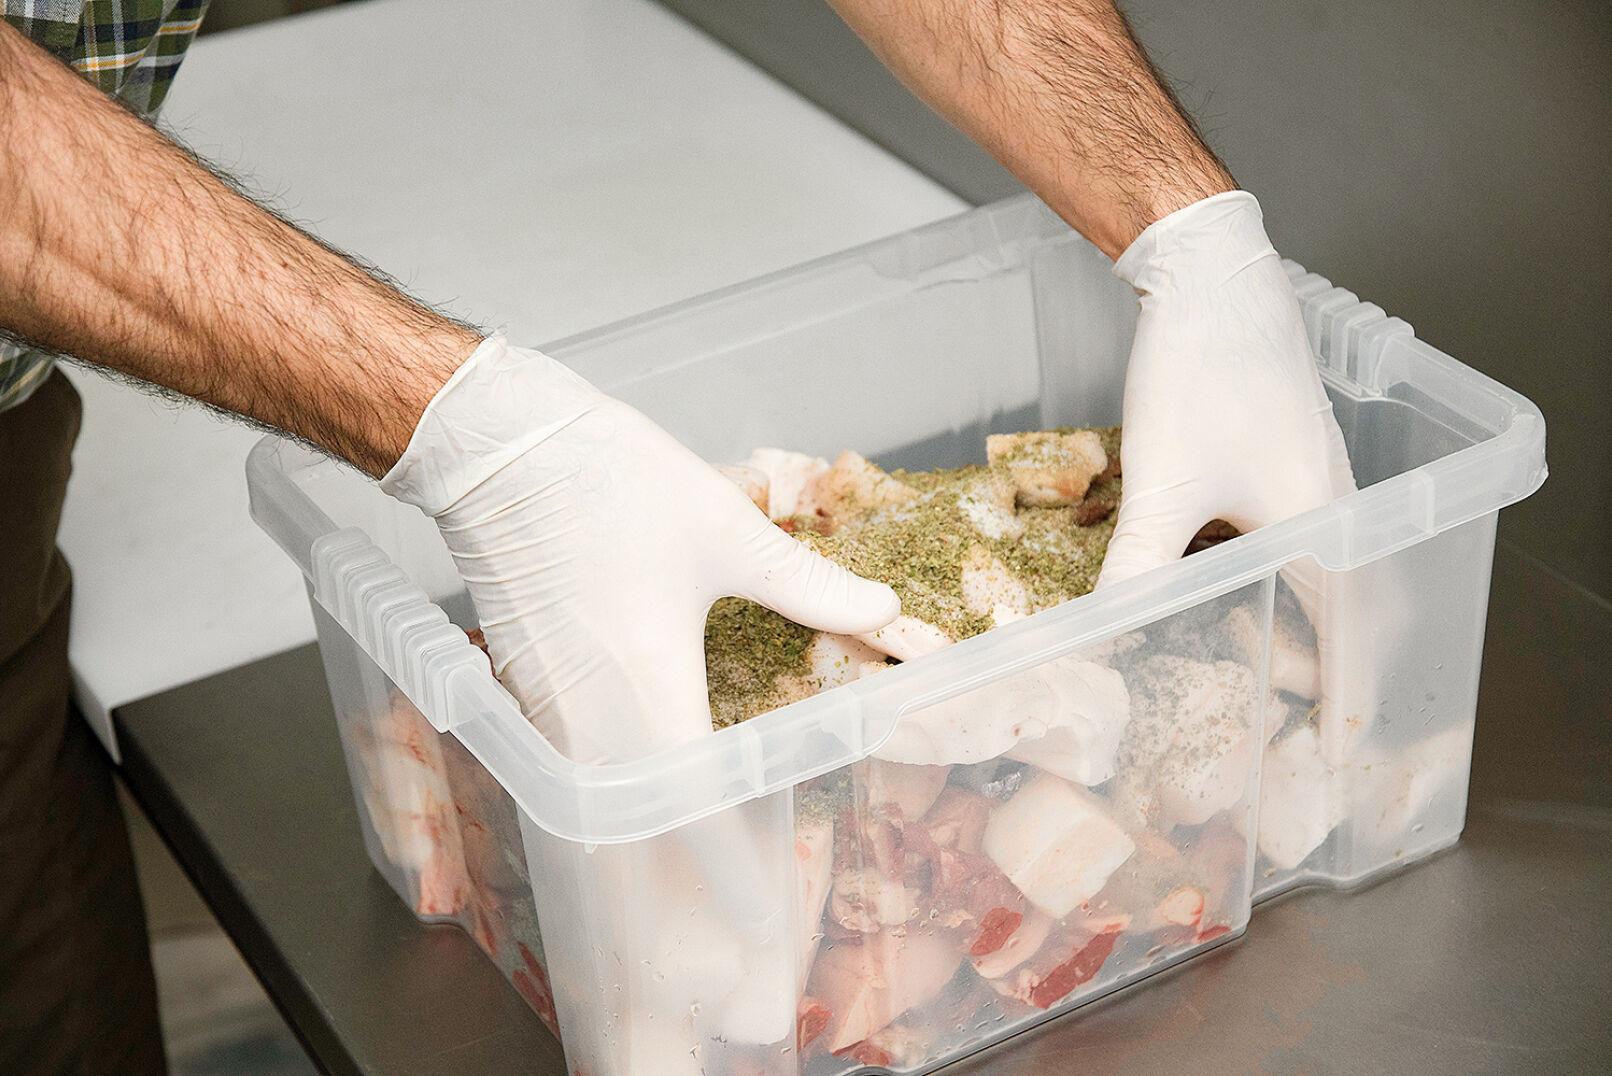 Fleisch, Speck und Gewürze werden ordentlich vermischt - © Oliver Deck